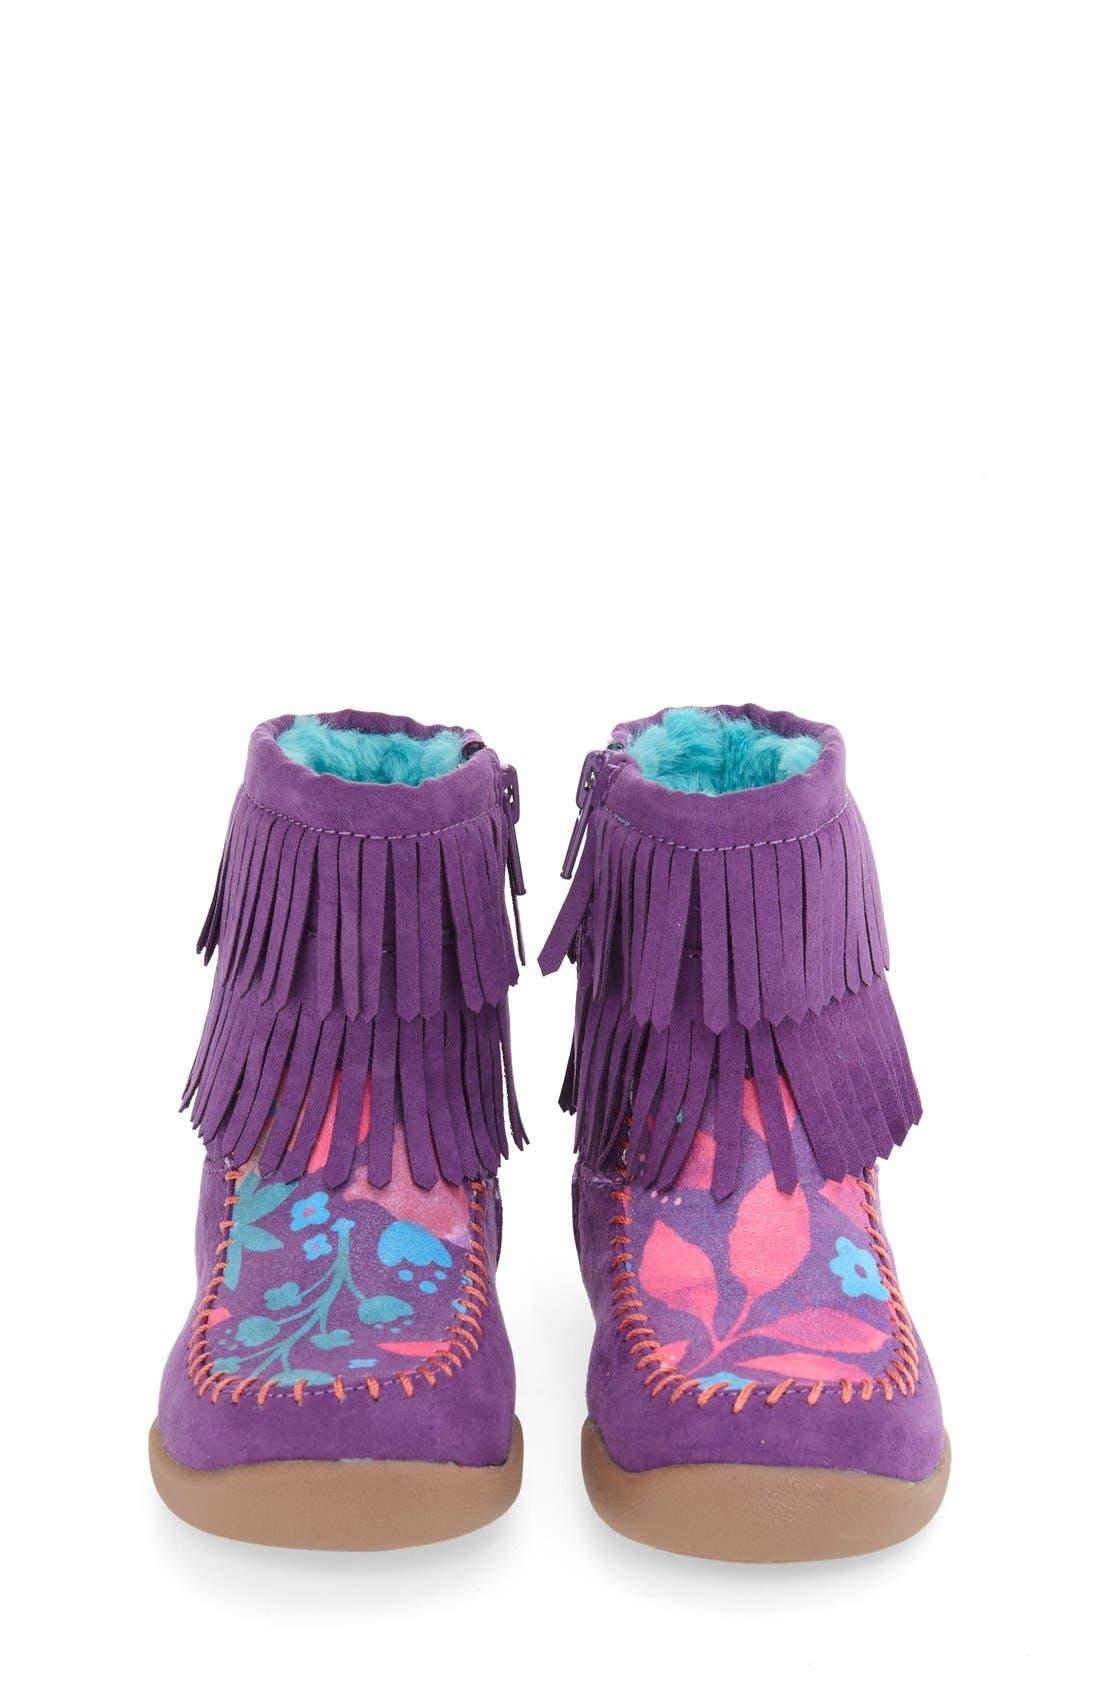 Fringe Bootie,                             Alternate thumbnail 3, color,                             Purple Faux Leather